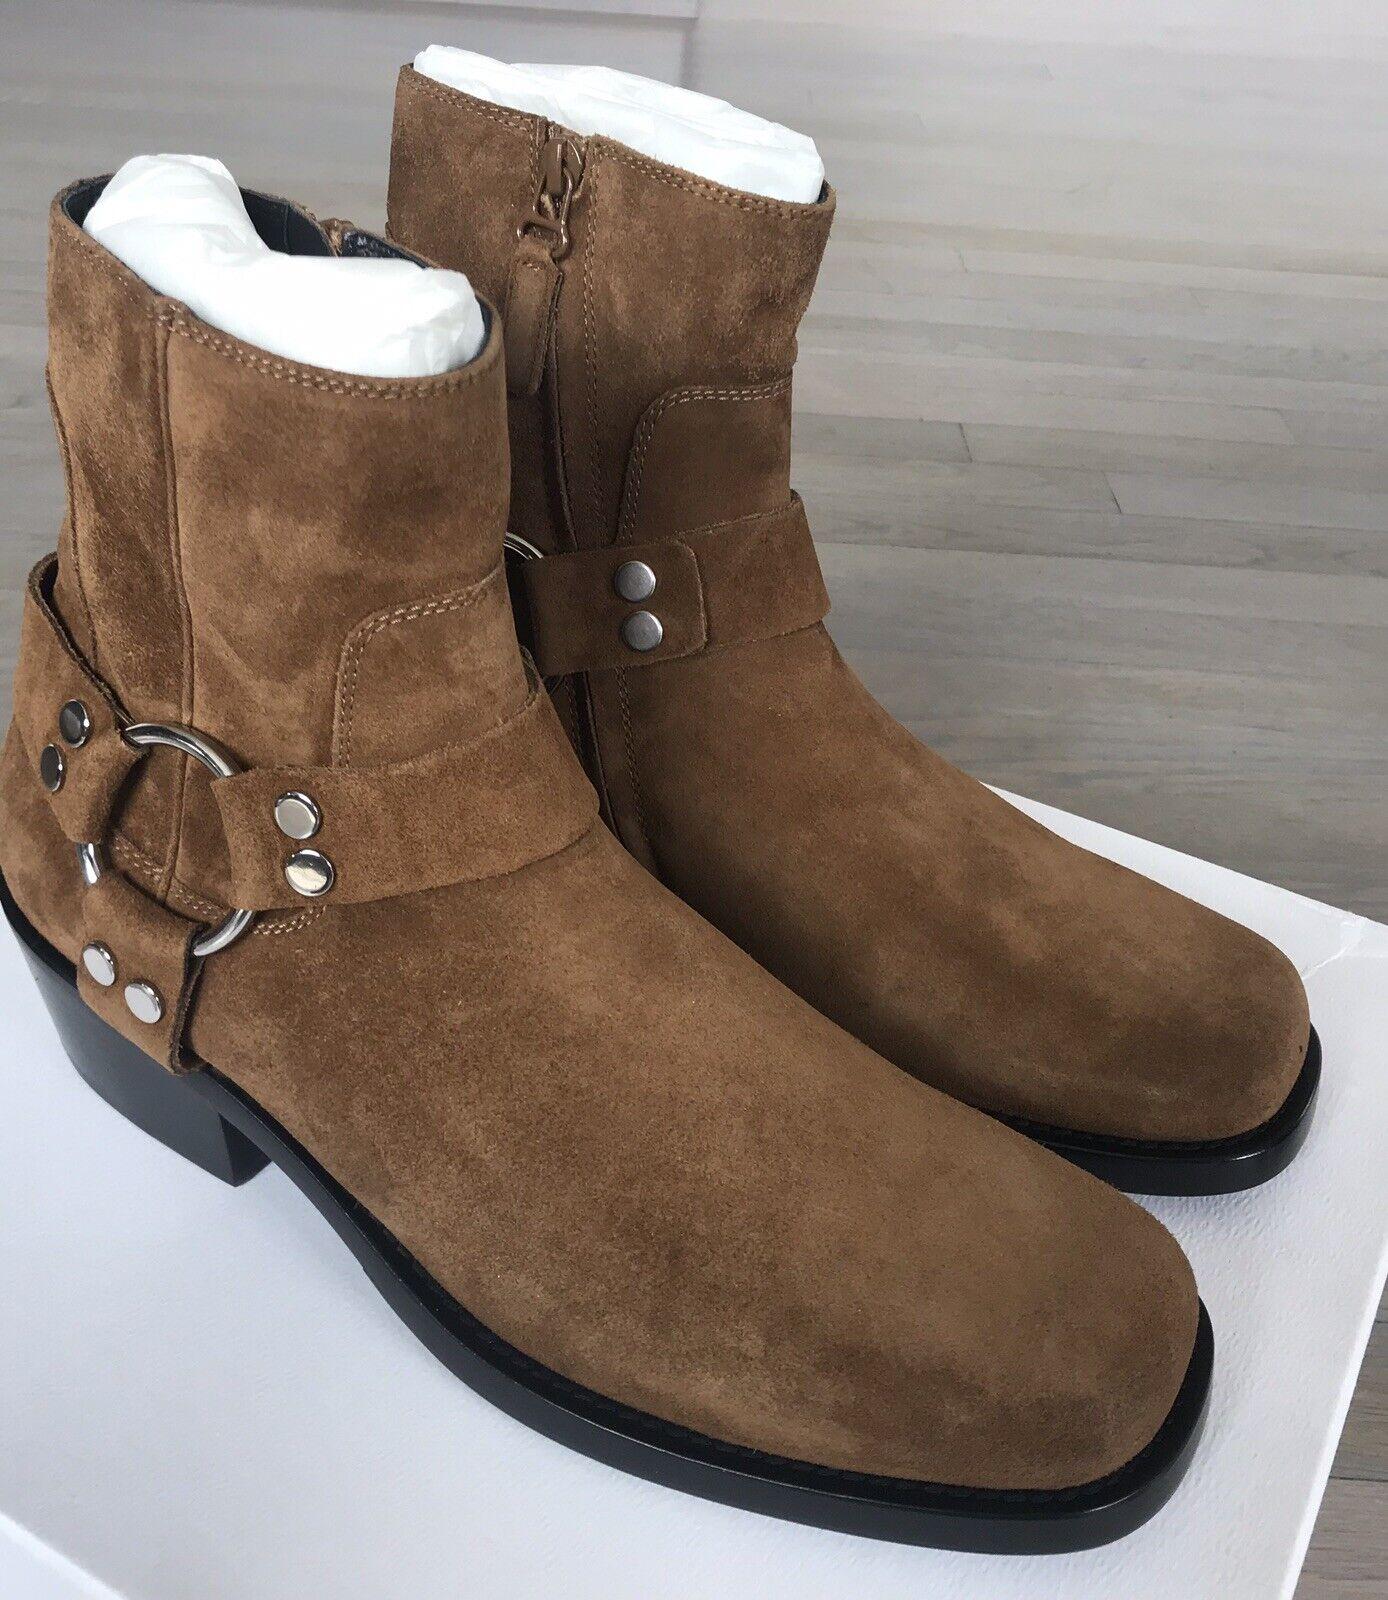 1,200 Balenciaga Brown Suede Boots size US 9, EU 42 Made in